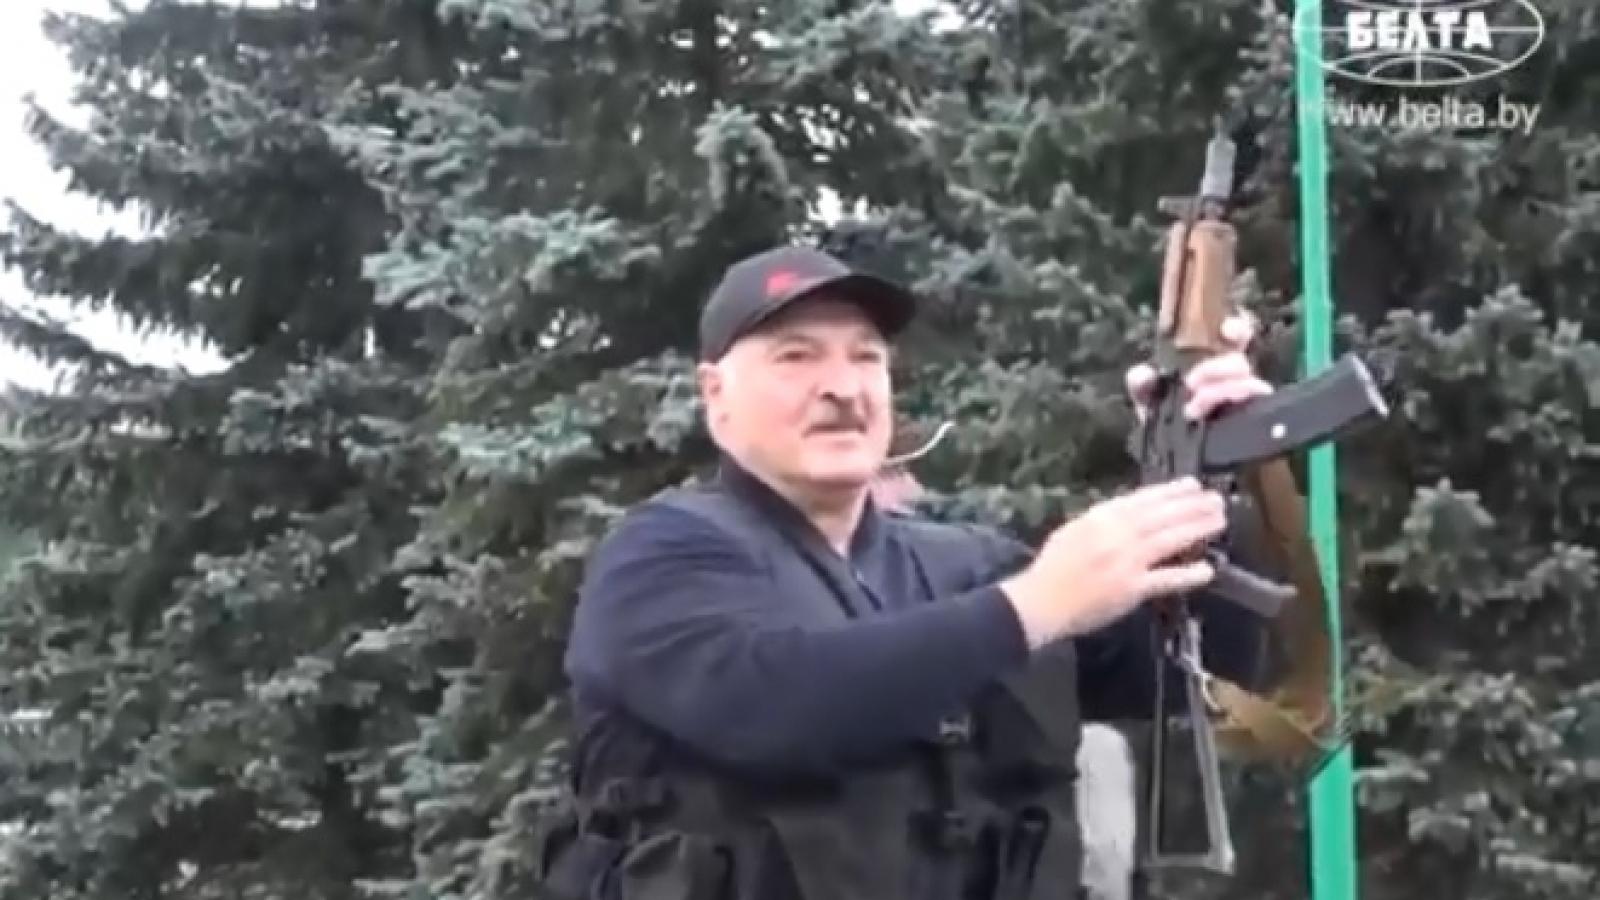 Video: Tổng thống Belarus Lukashenko xách súng AK, mặc áo giáp, đeo băng đạn